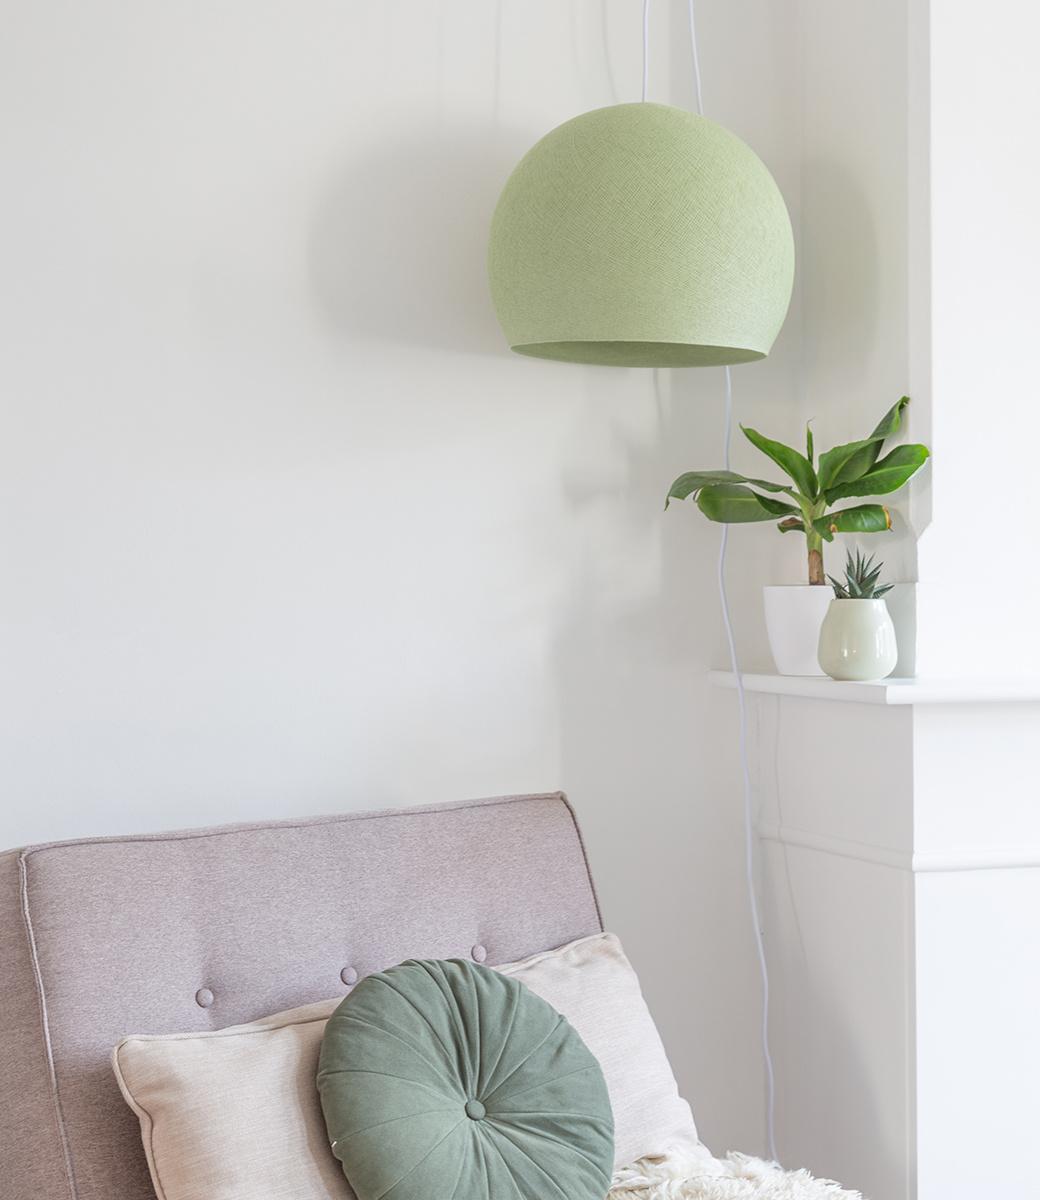 Cotton Ball Lights driekwart hanglamp groen - Powder Green